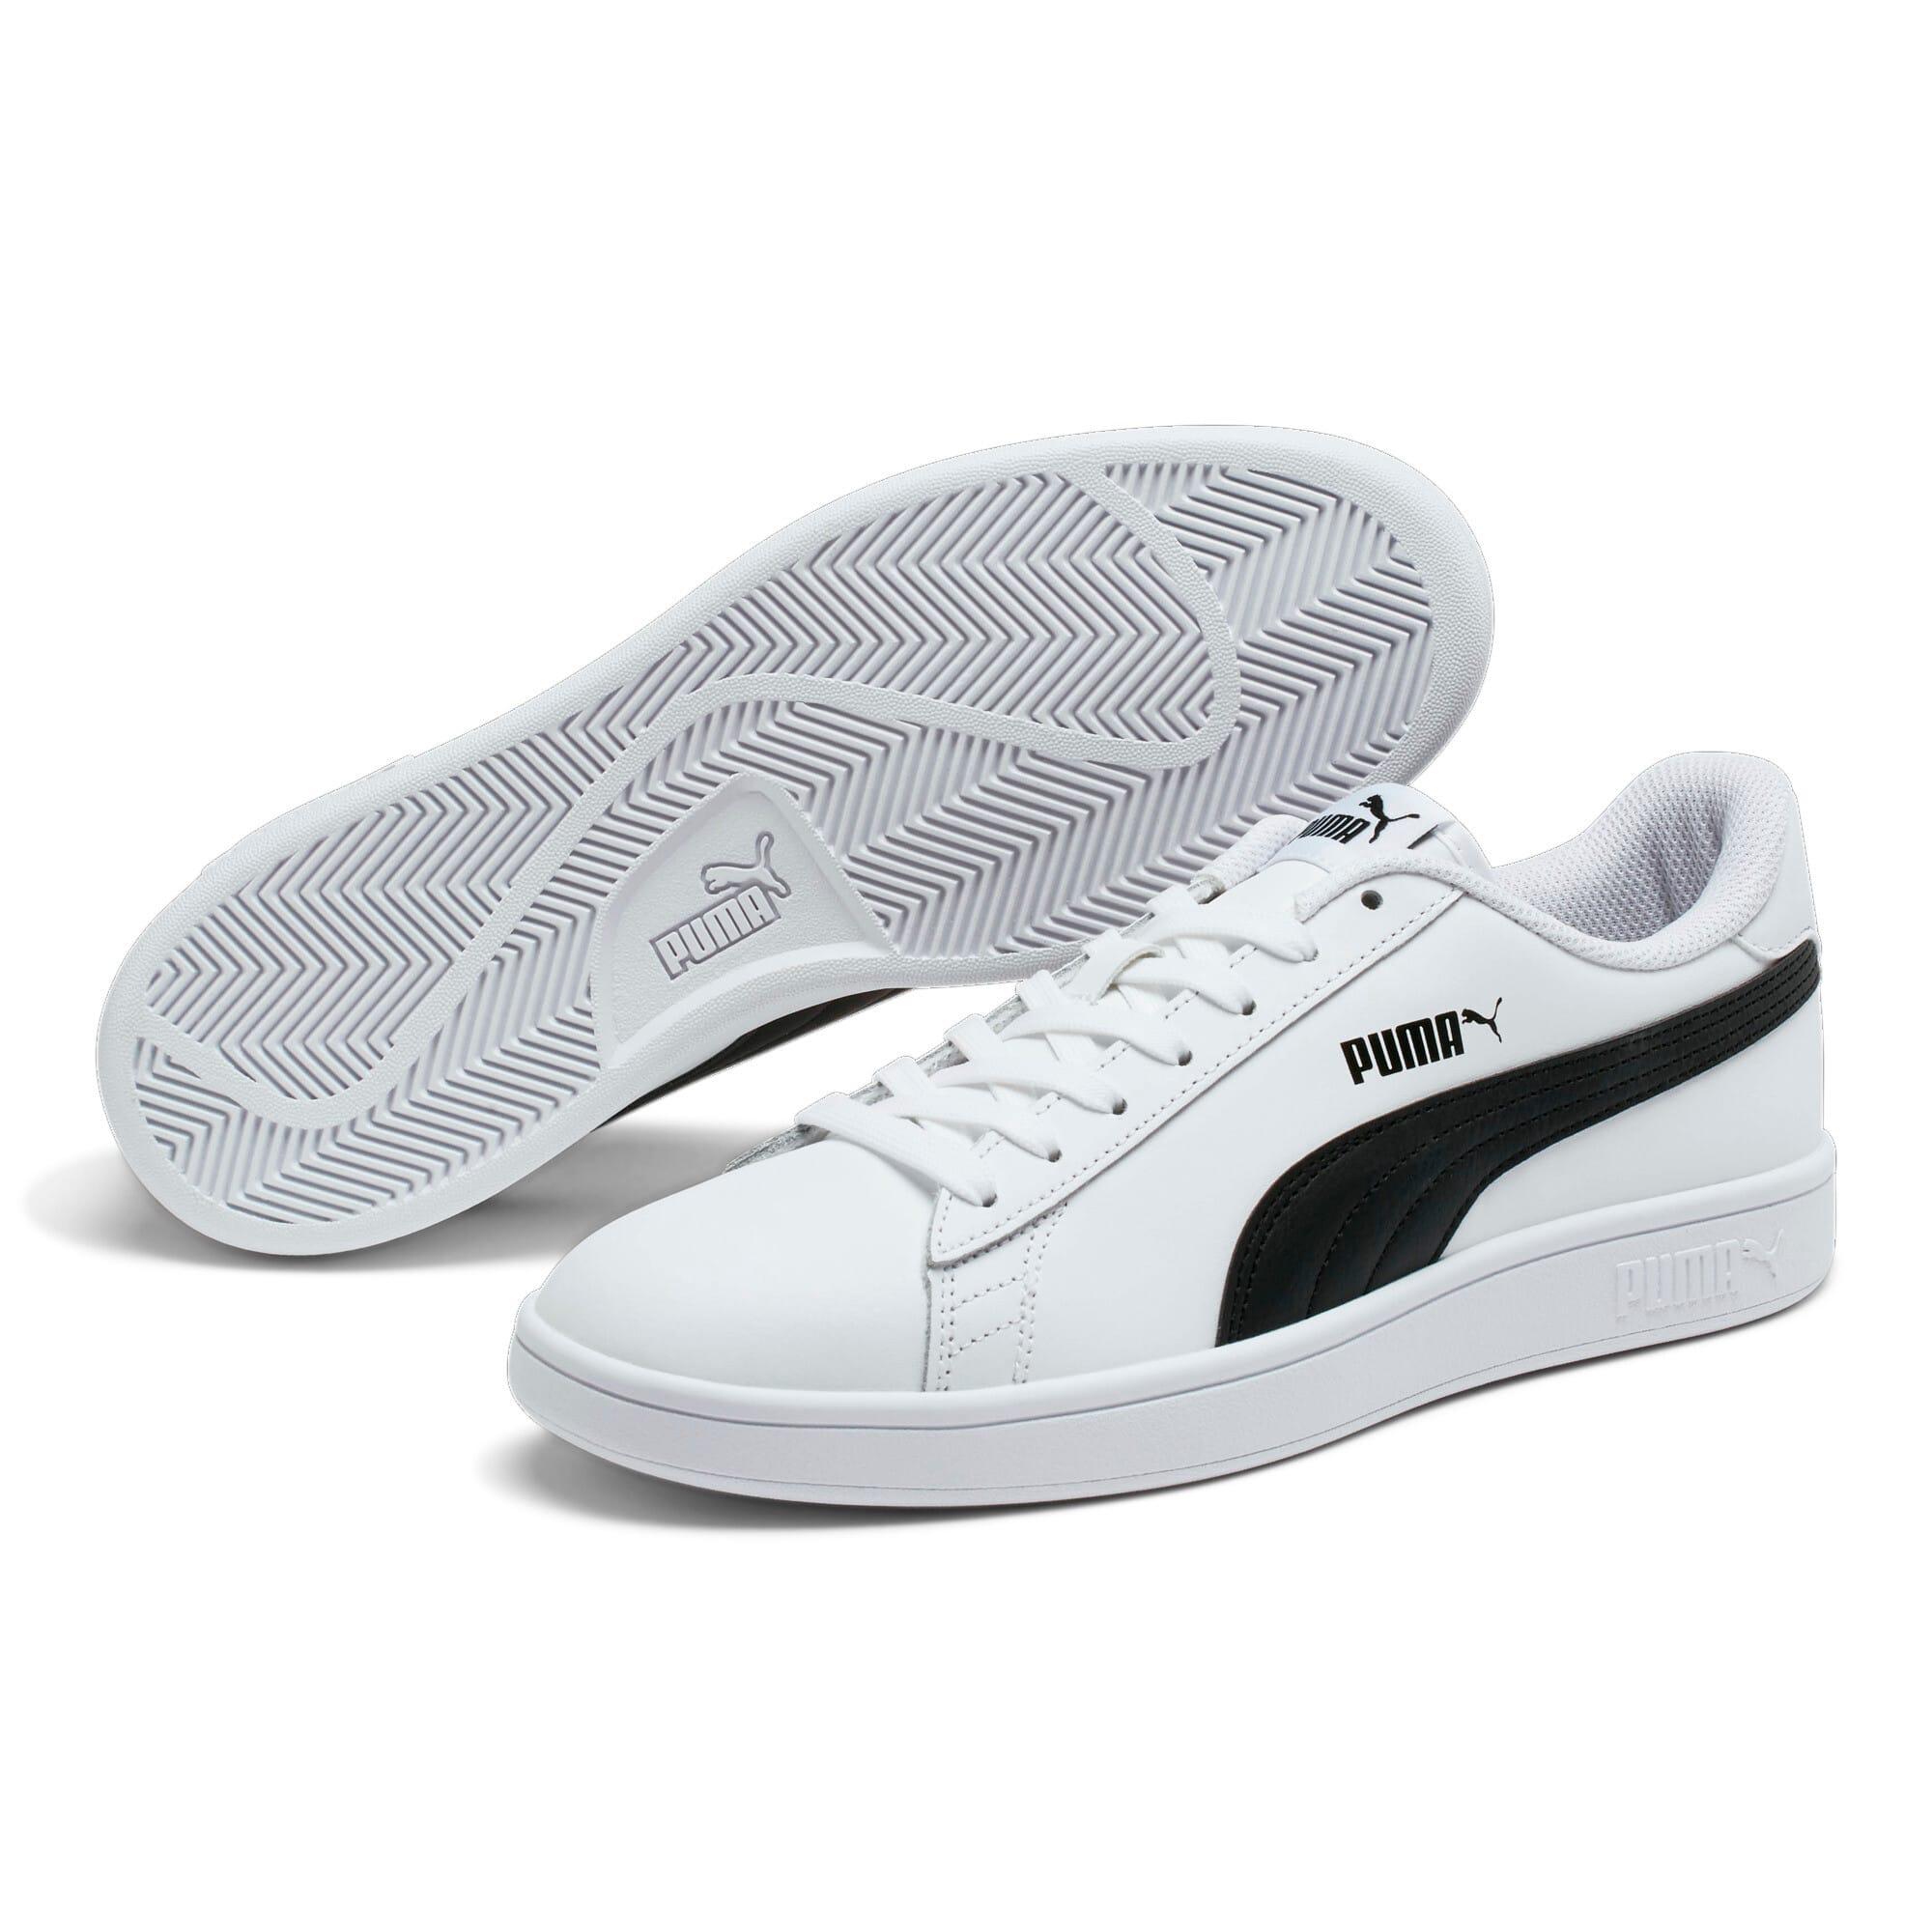 Thumbnail 2 of PUMA Smash v2 Sneakers, Puma White-Puma Black, medium